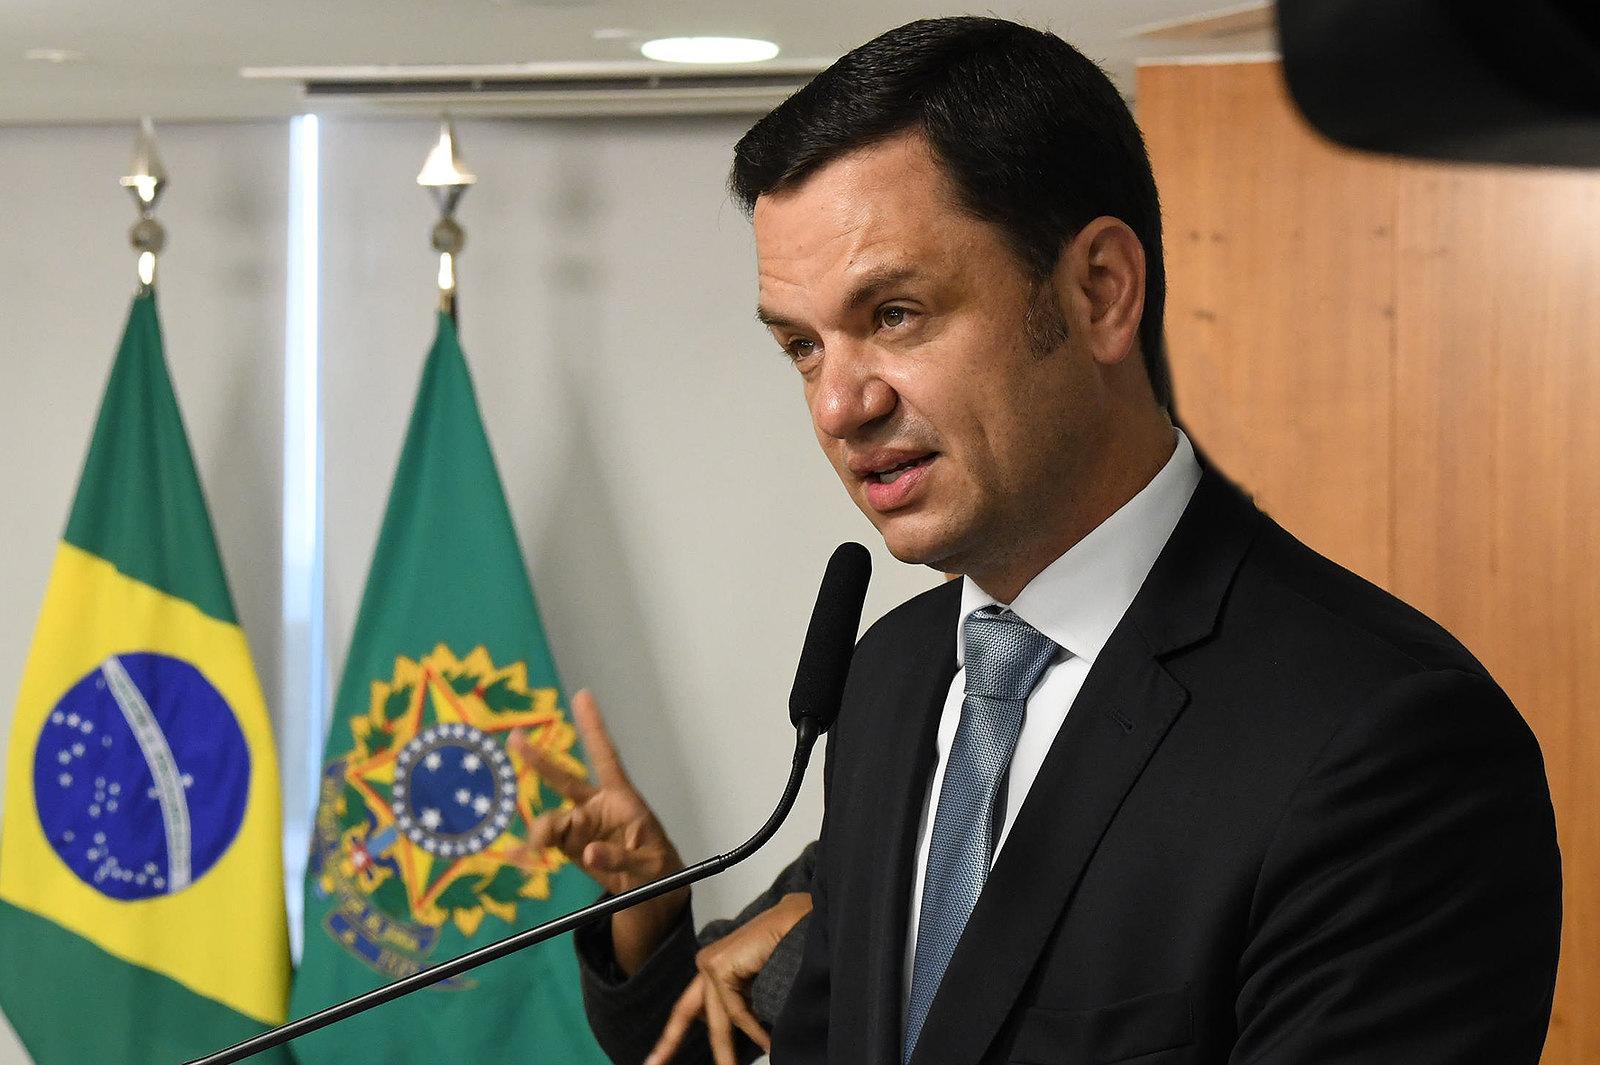 IMAGEM: Ministério da Justiça envia Força Nacional de Segurança a Manaus